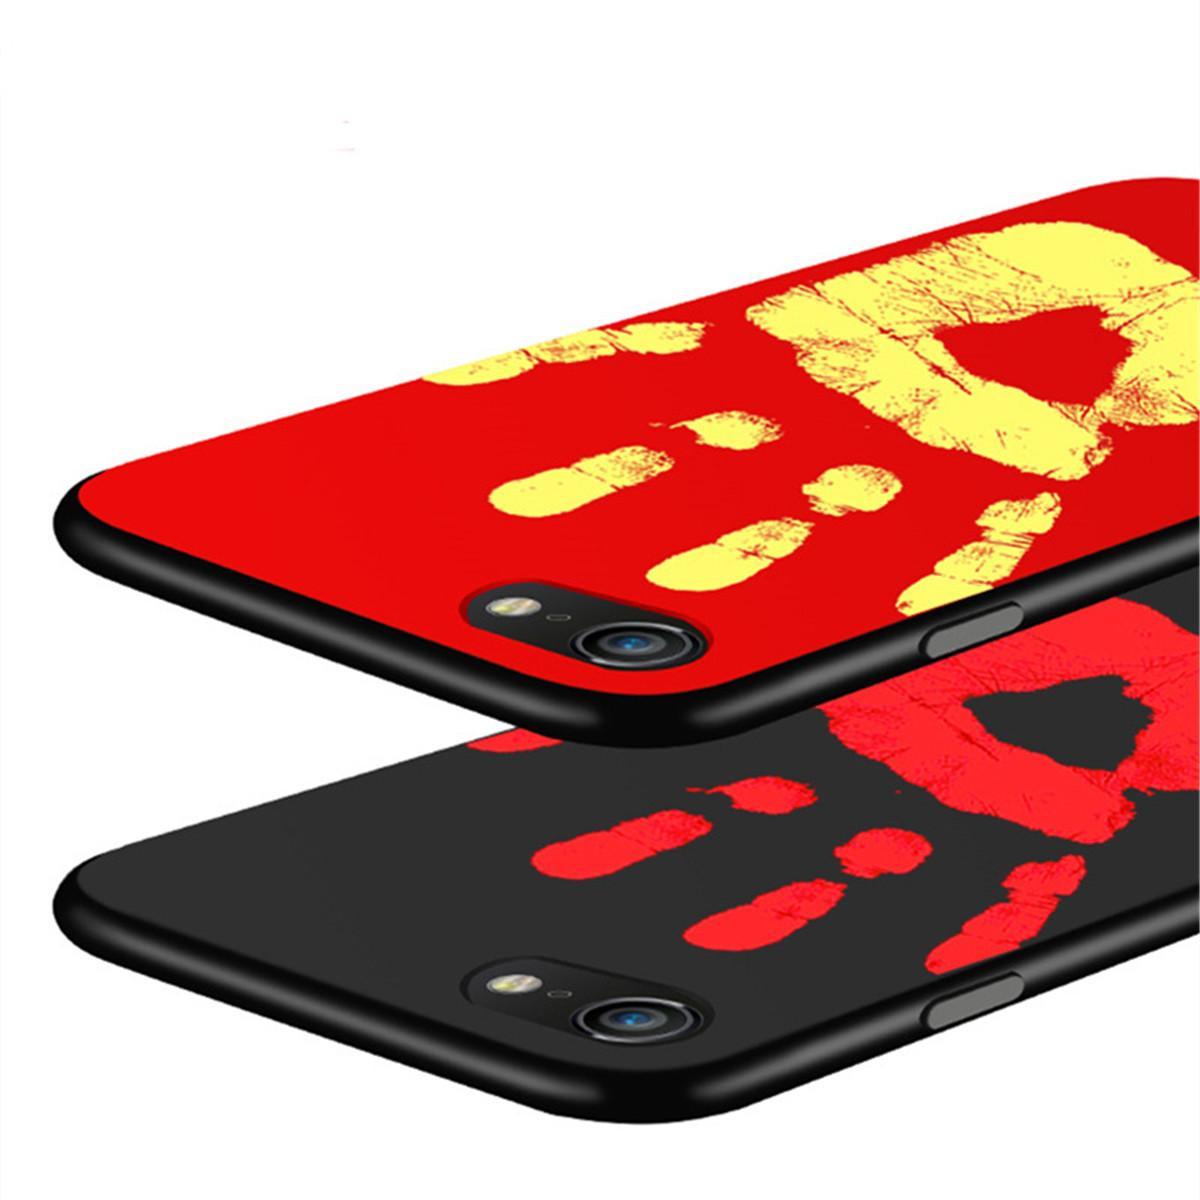 Compre 2017 Hot Shell De Telefone Térmico Para Xiaomi Temperatura Suave De  6   5s Temperamento Sensação Tpu + Caixa De Telefone De Couro Frete Grátis   5bff5c3f892